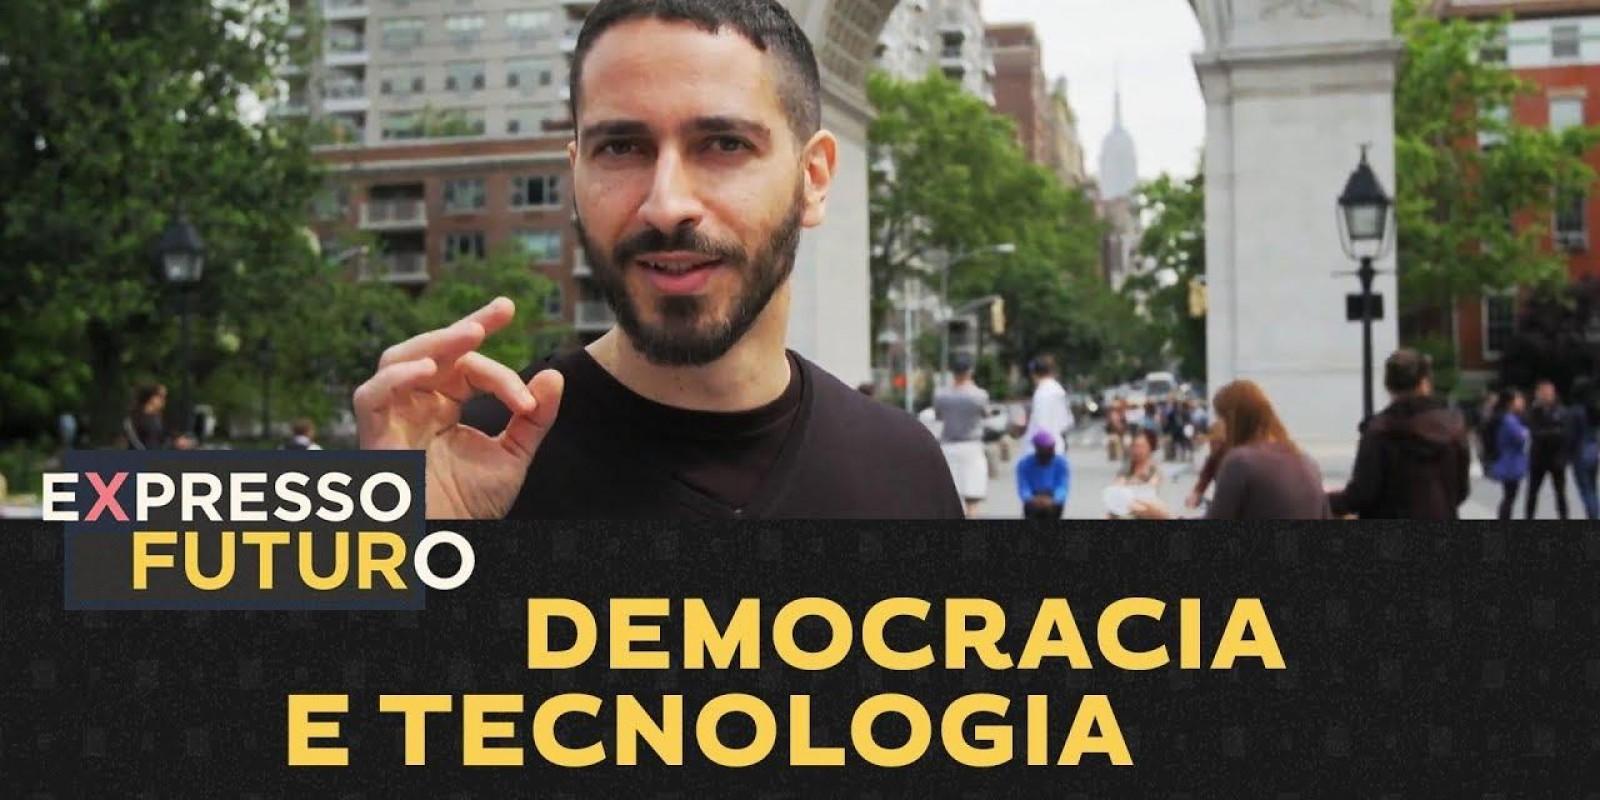 Democracia E Tecnologia   Expresso Futuro Com Ronaldo Lemos